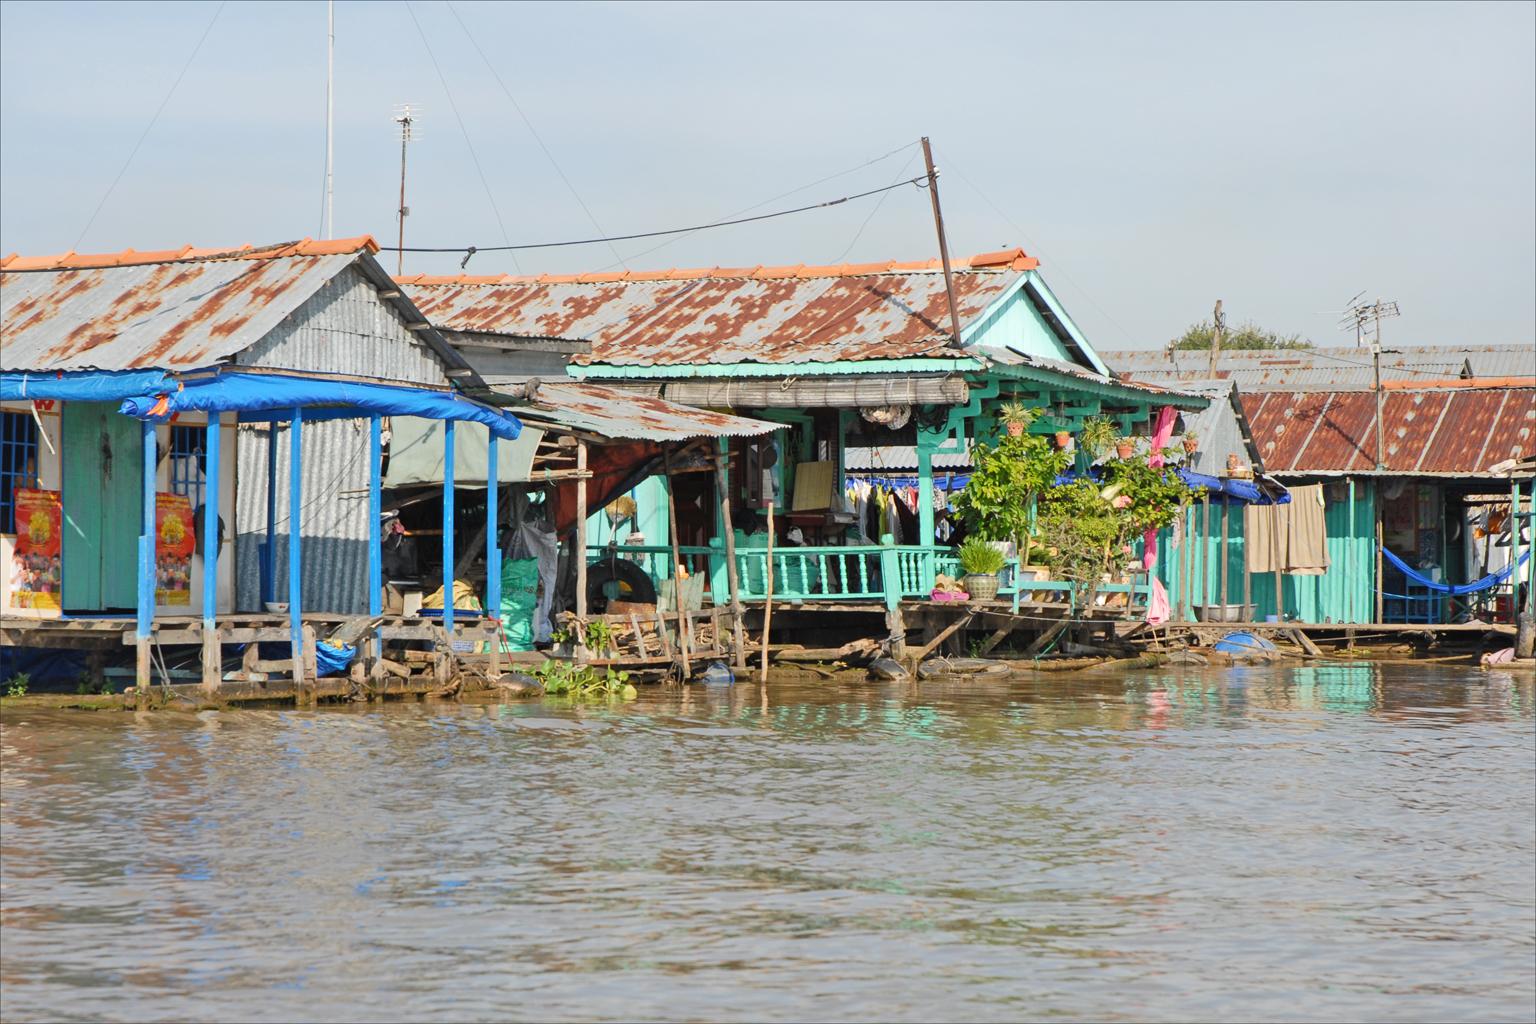 Chau Doc (An Giang) Vietnam  city photos gallery : Description Le village flottant Chau Doc, Vietnam 6620578201